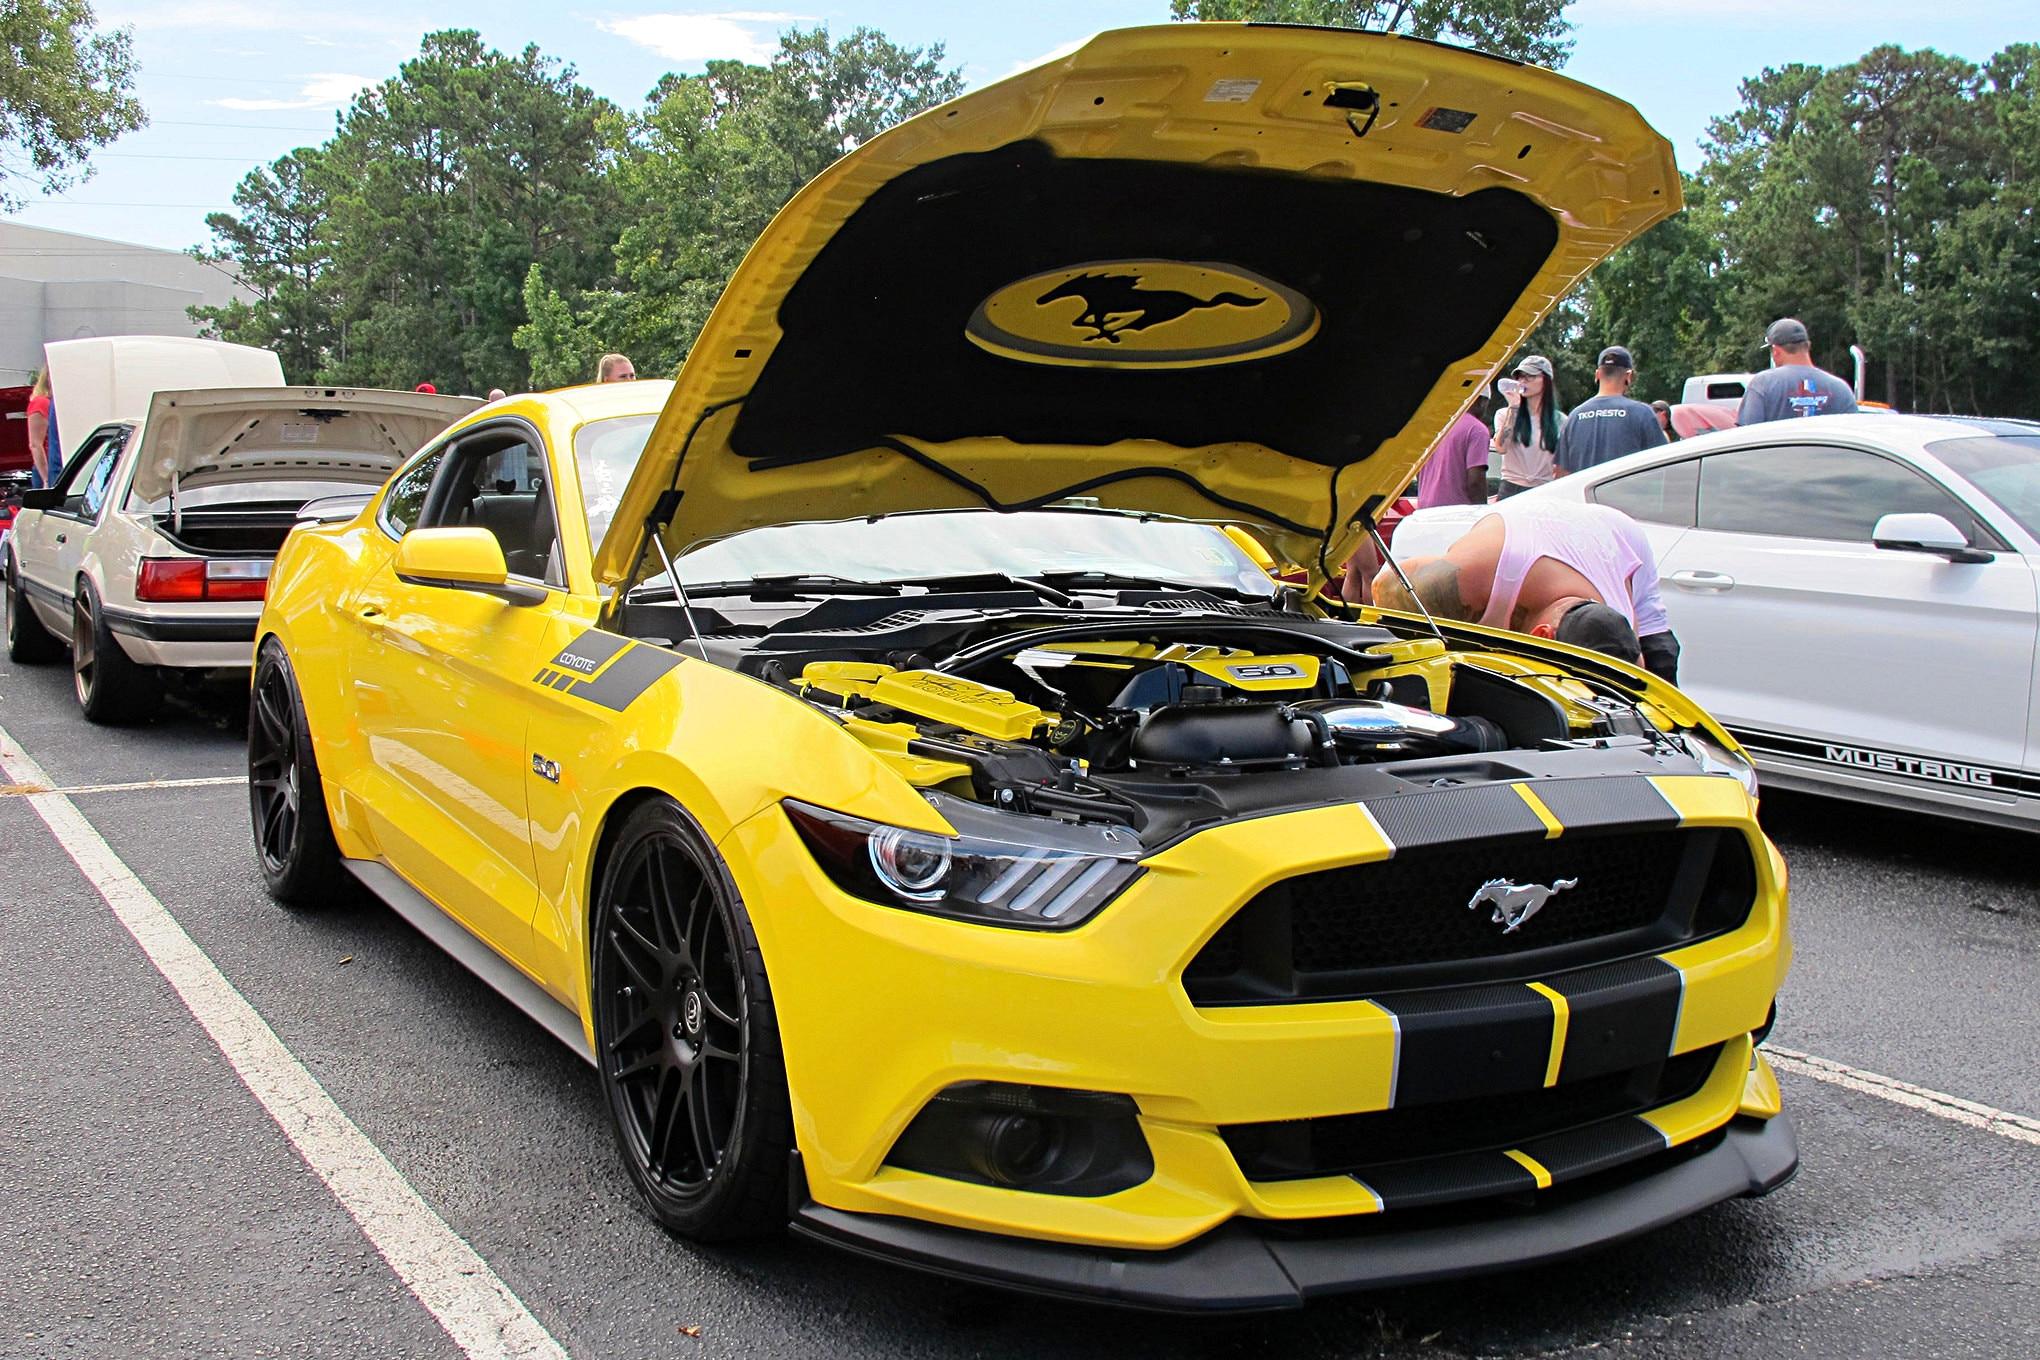 009 2018 Mustang Week S550 Mustangs